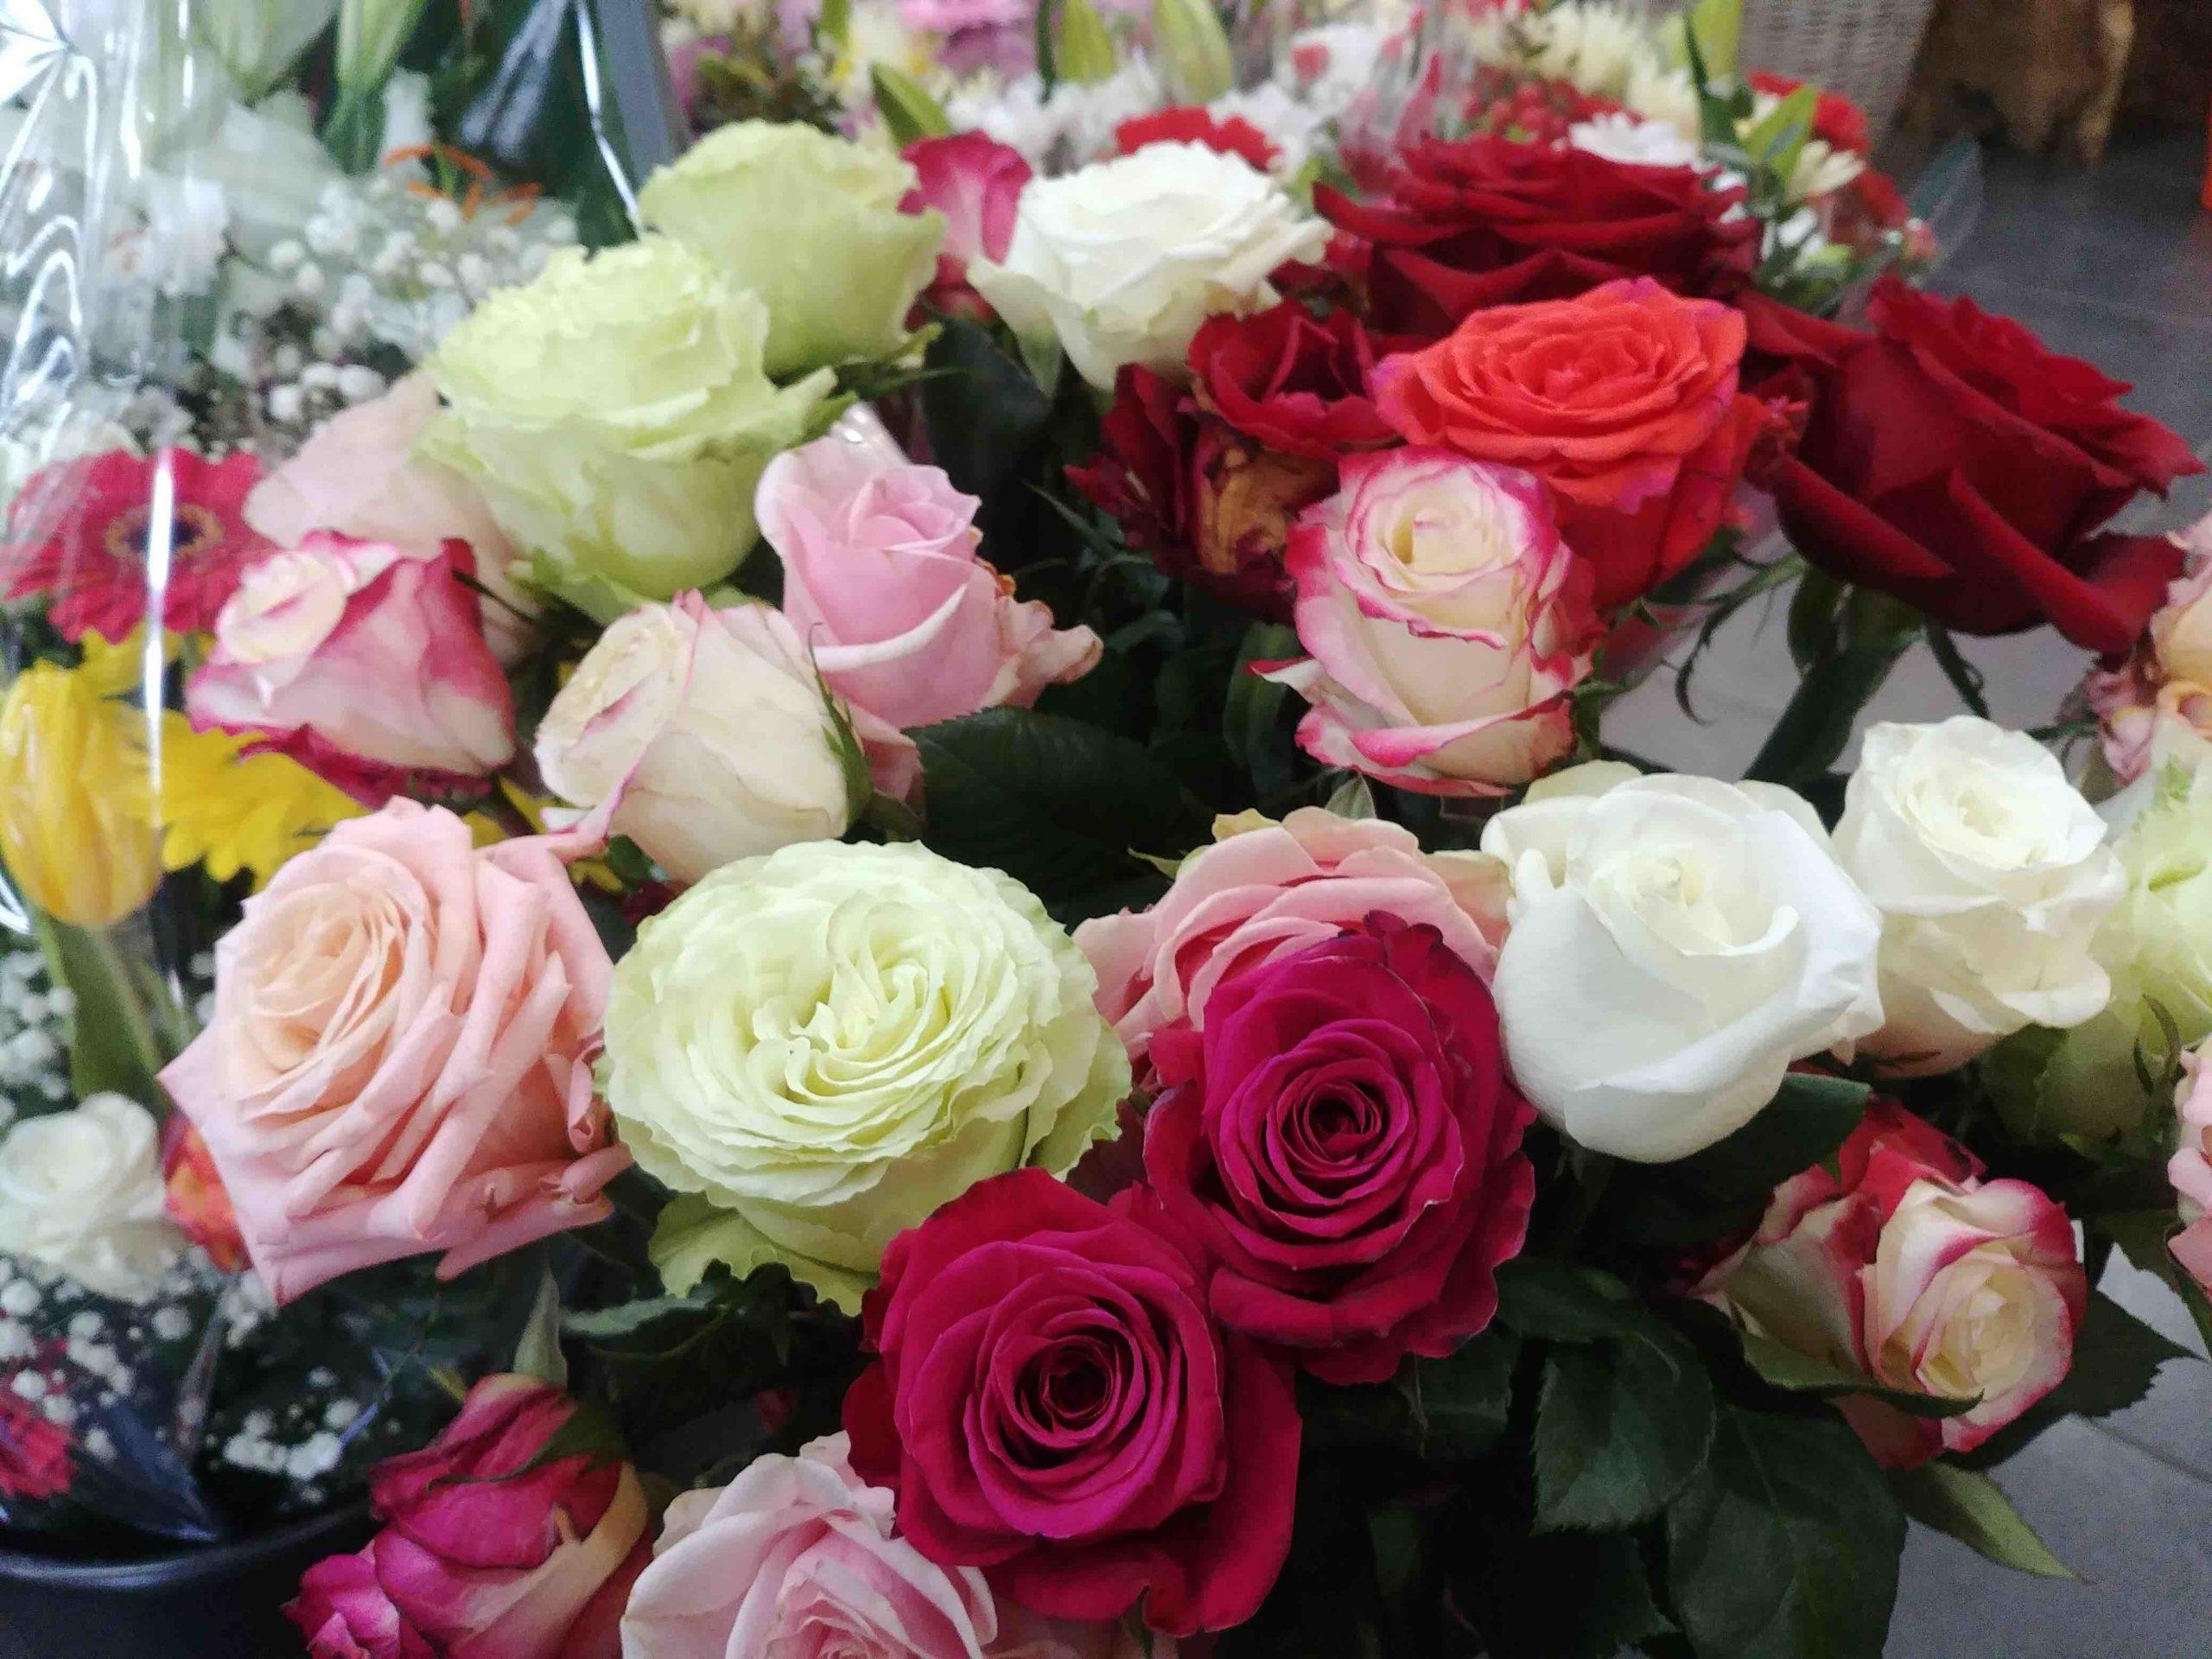 Les Fleurs De L Olympe Fleuriste Goussainville Petitscommerces Fr